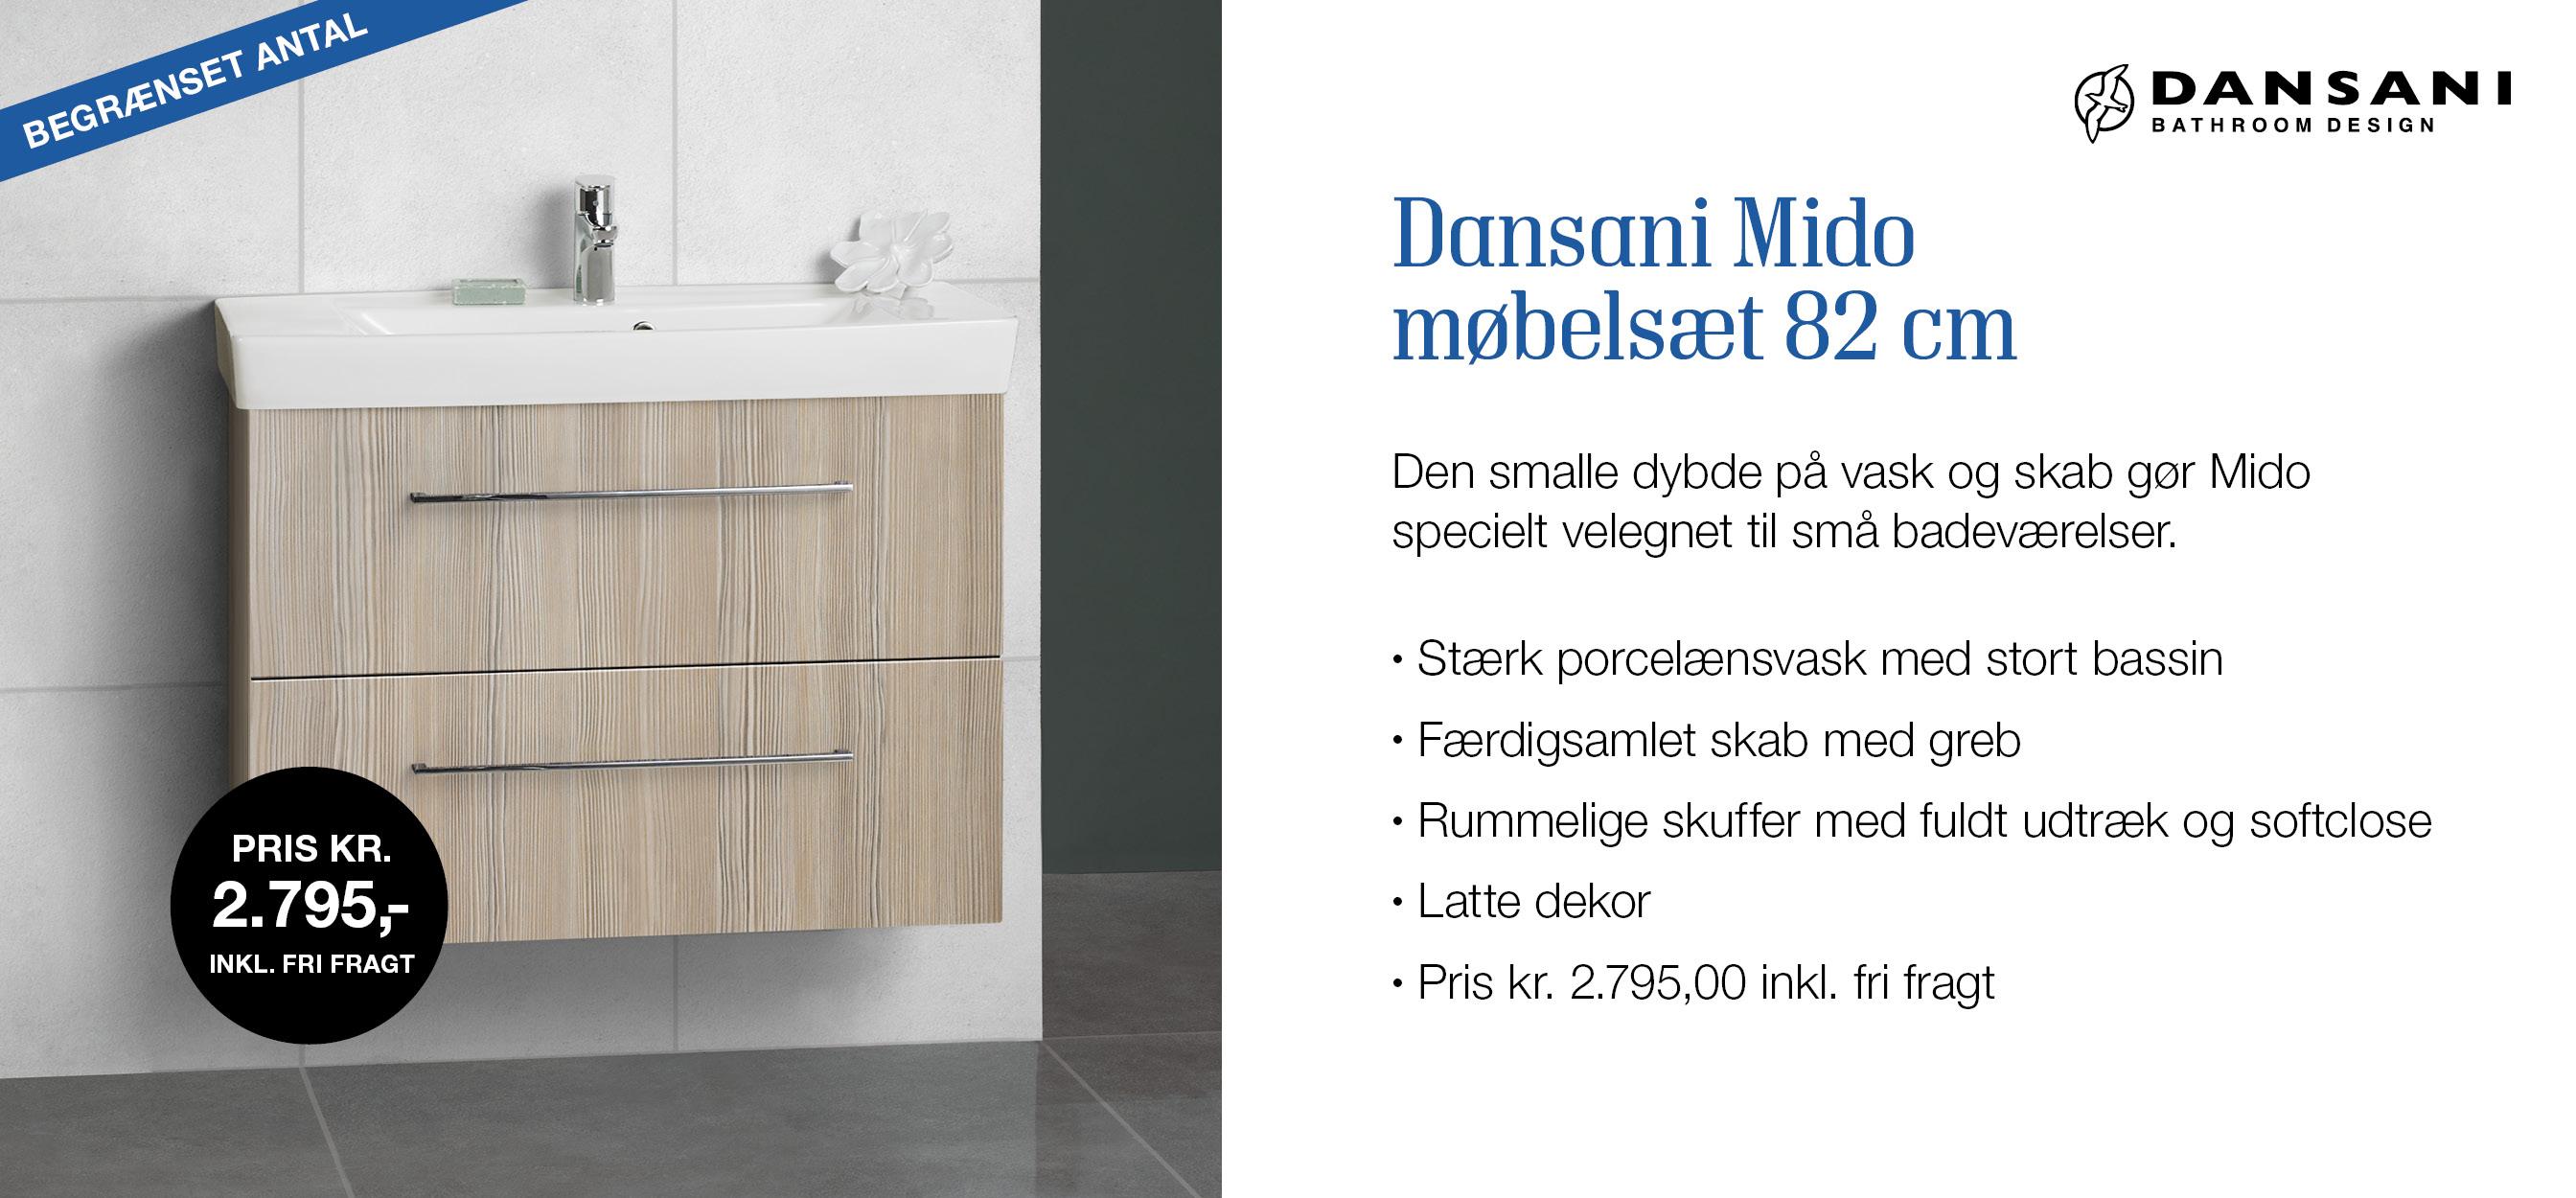 Moderigtigt Køb VVS billigt online hos VVS-Shoppen.dk - VVS-Shoppen.dk OA04